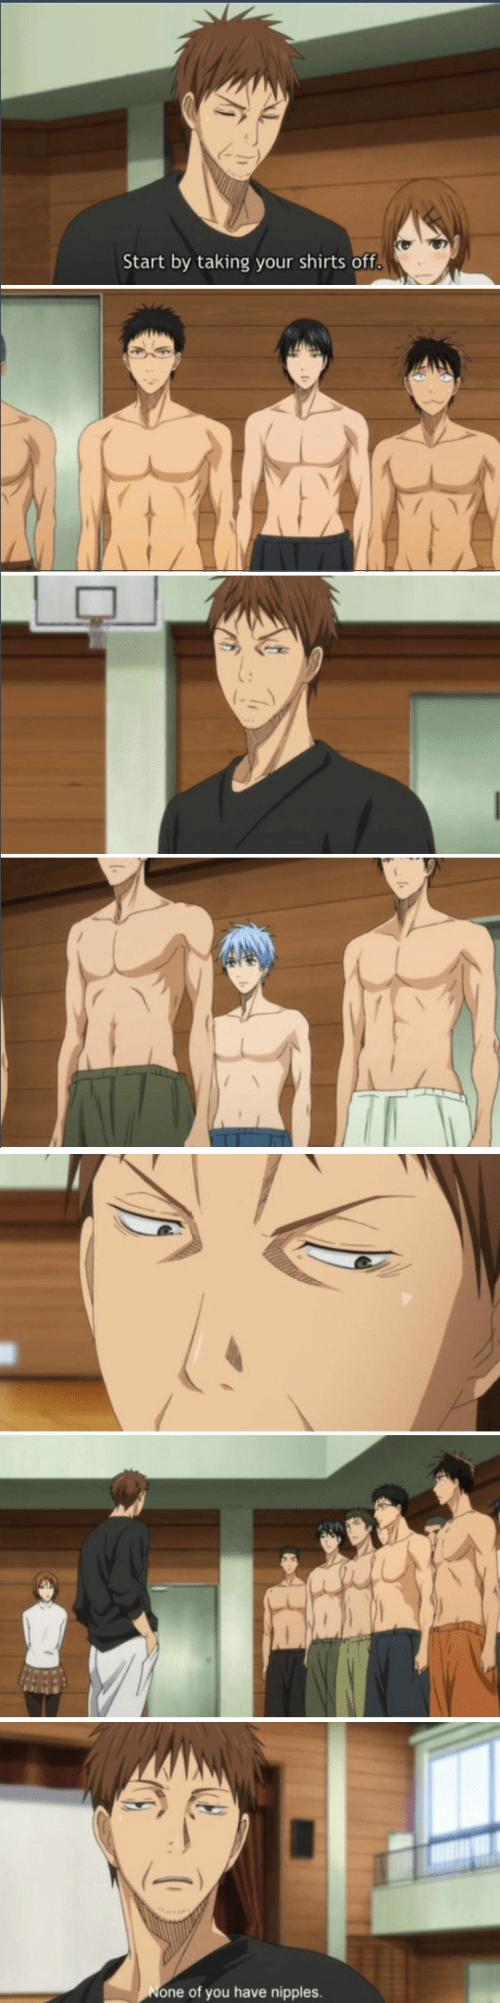 anime memes kurokos basketball no nips